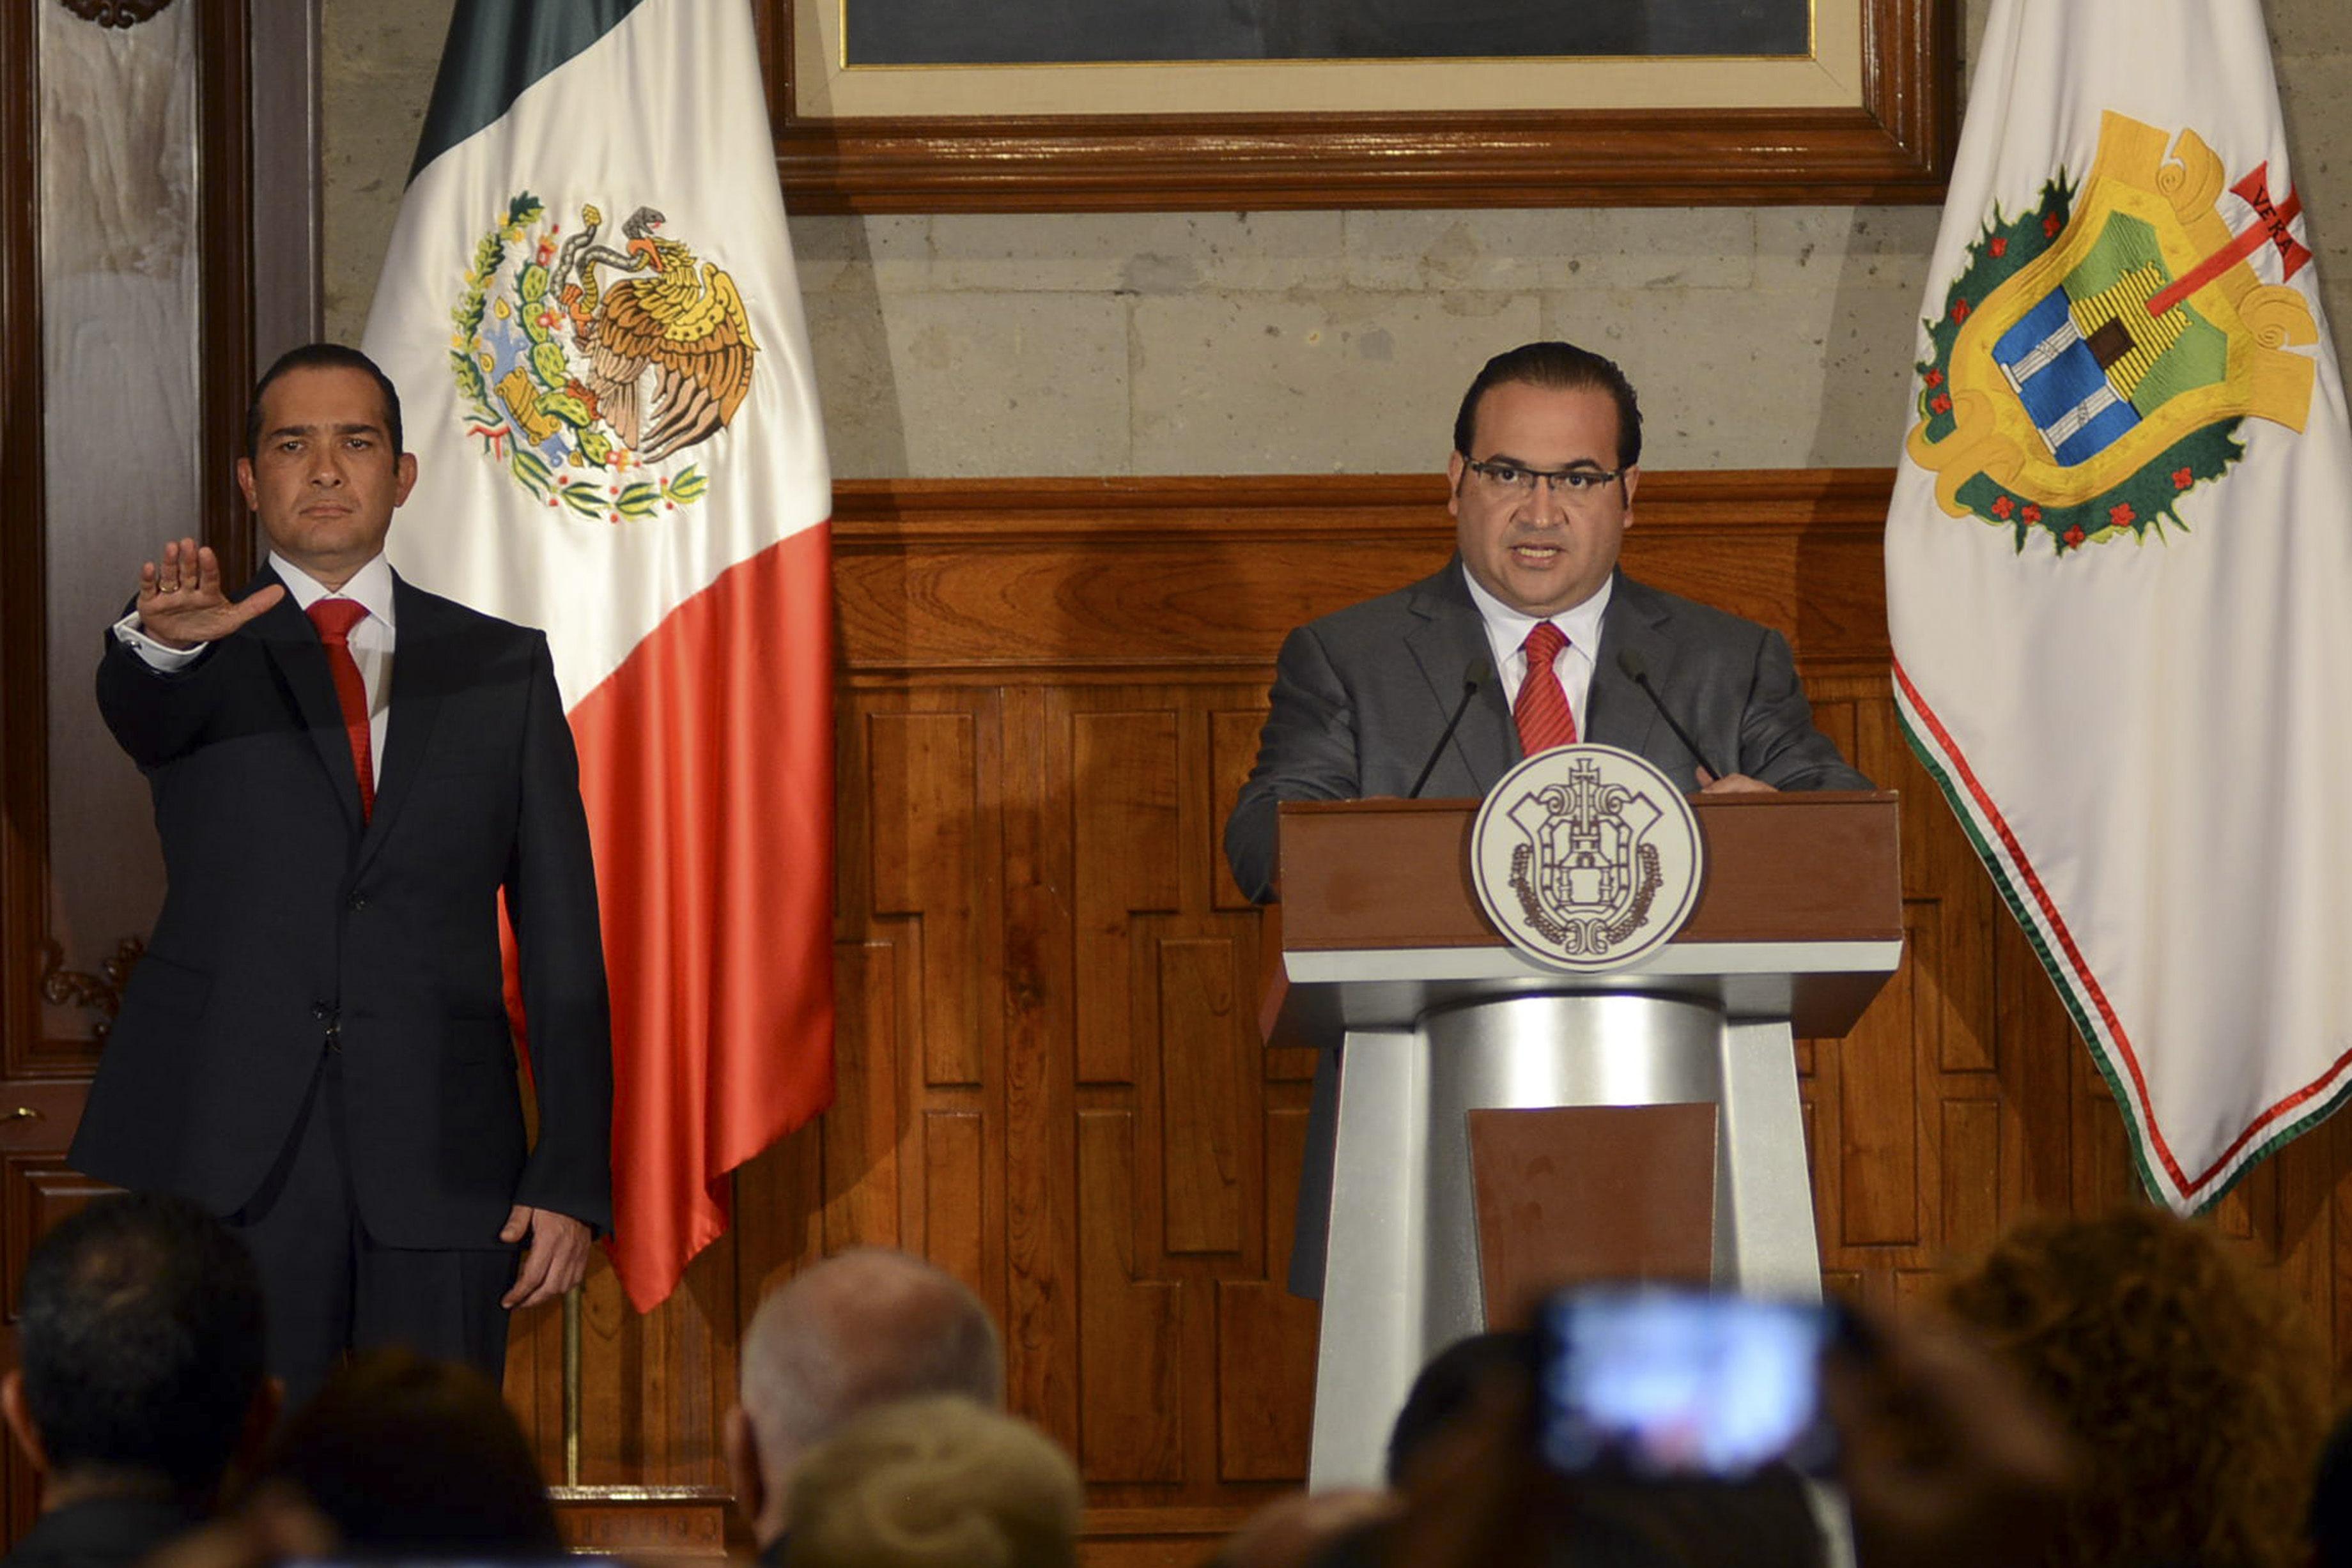 Yunes ofrece 5 mdp por localizar al ex fiscal Luis Ángel Bravo